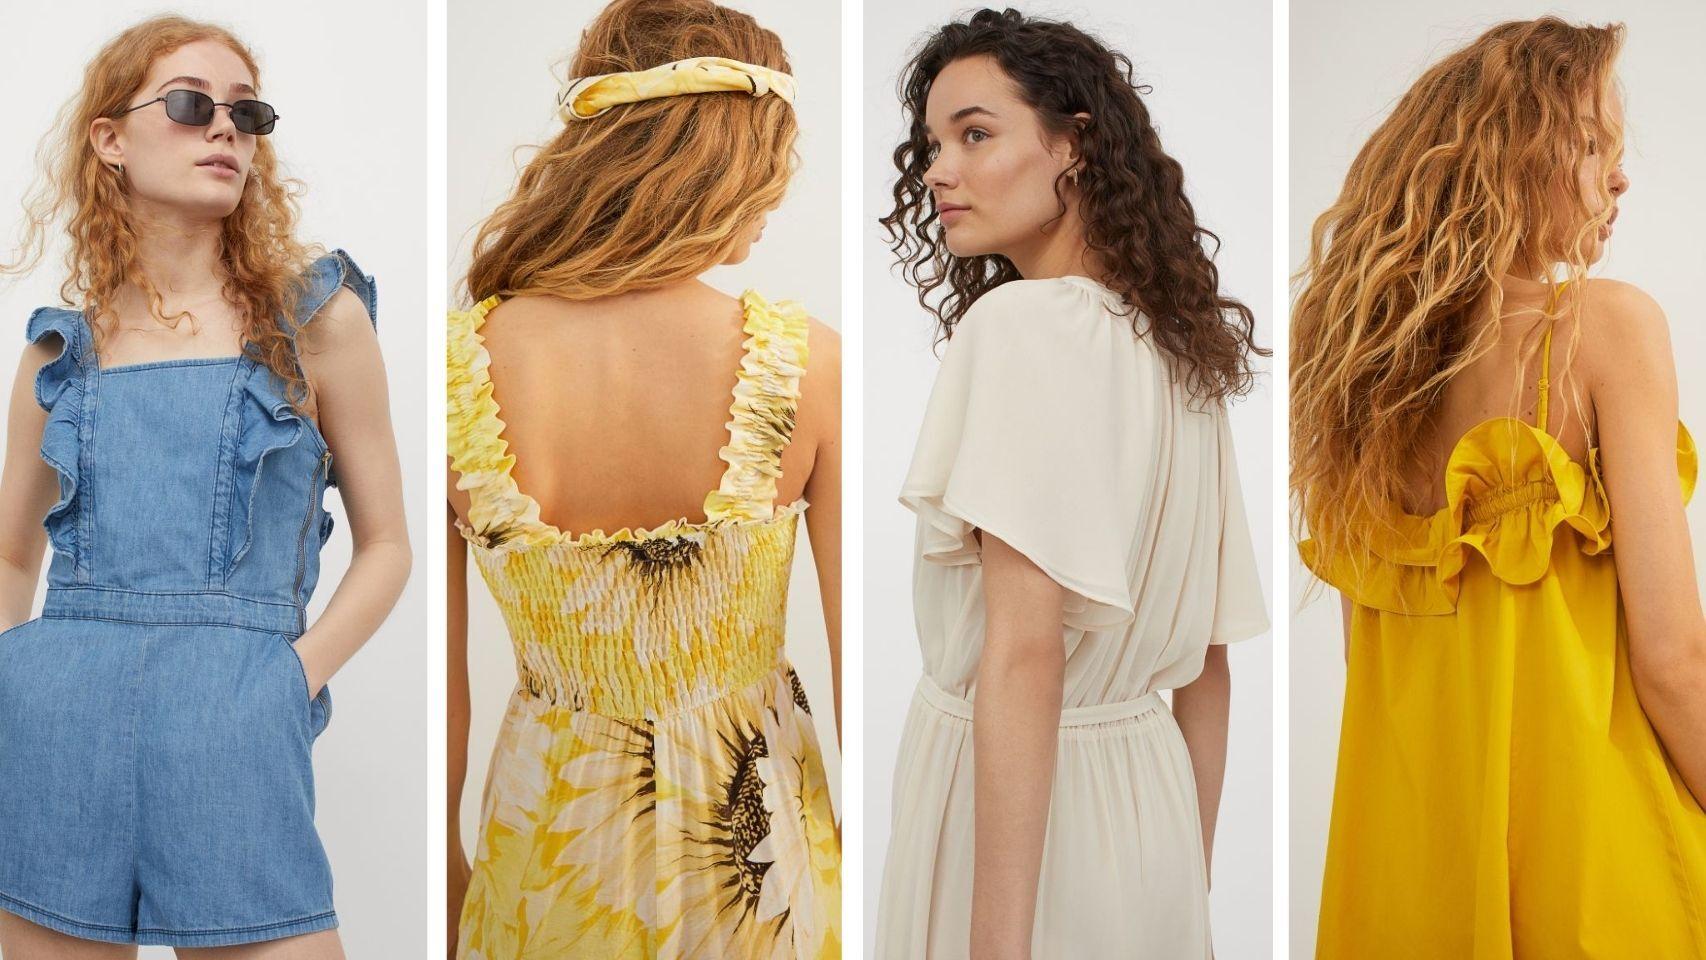 Los 10 prendas de H&M protagonistas de los 'looks' más veraniegos.